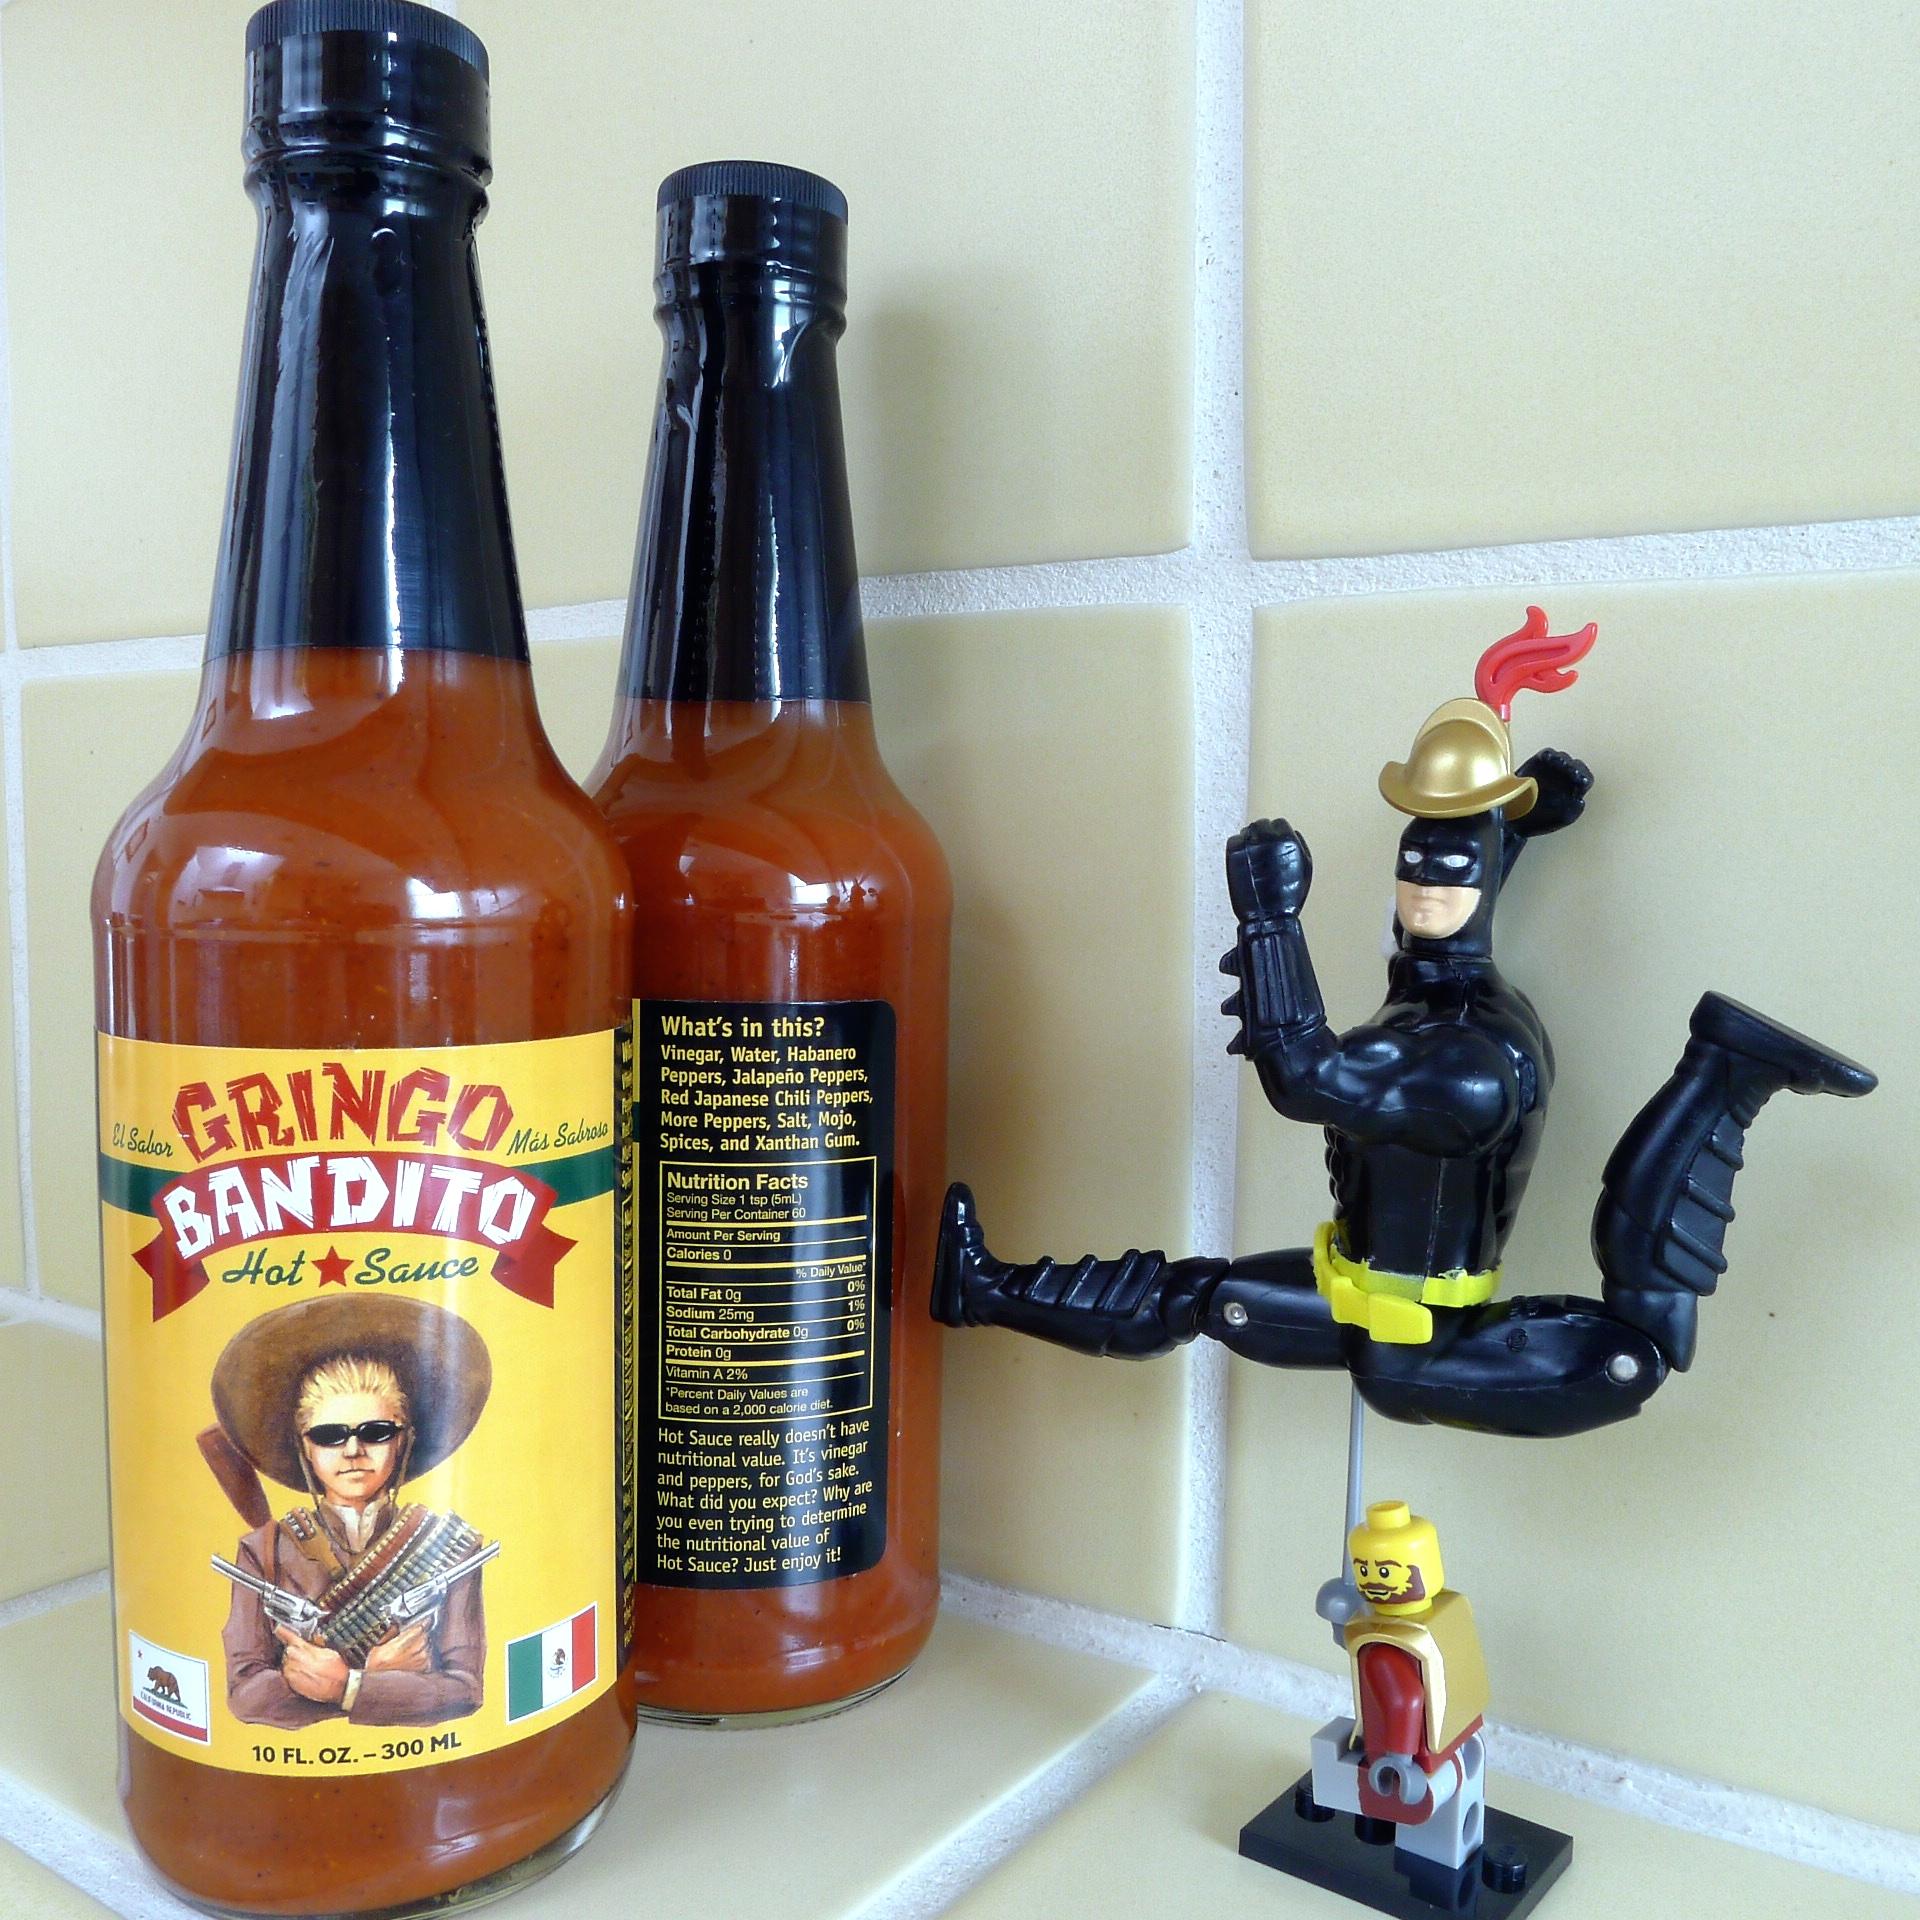 Gringo_Bandito_Hot_Sauce